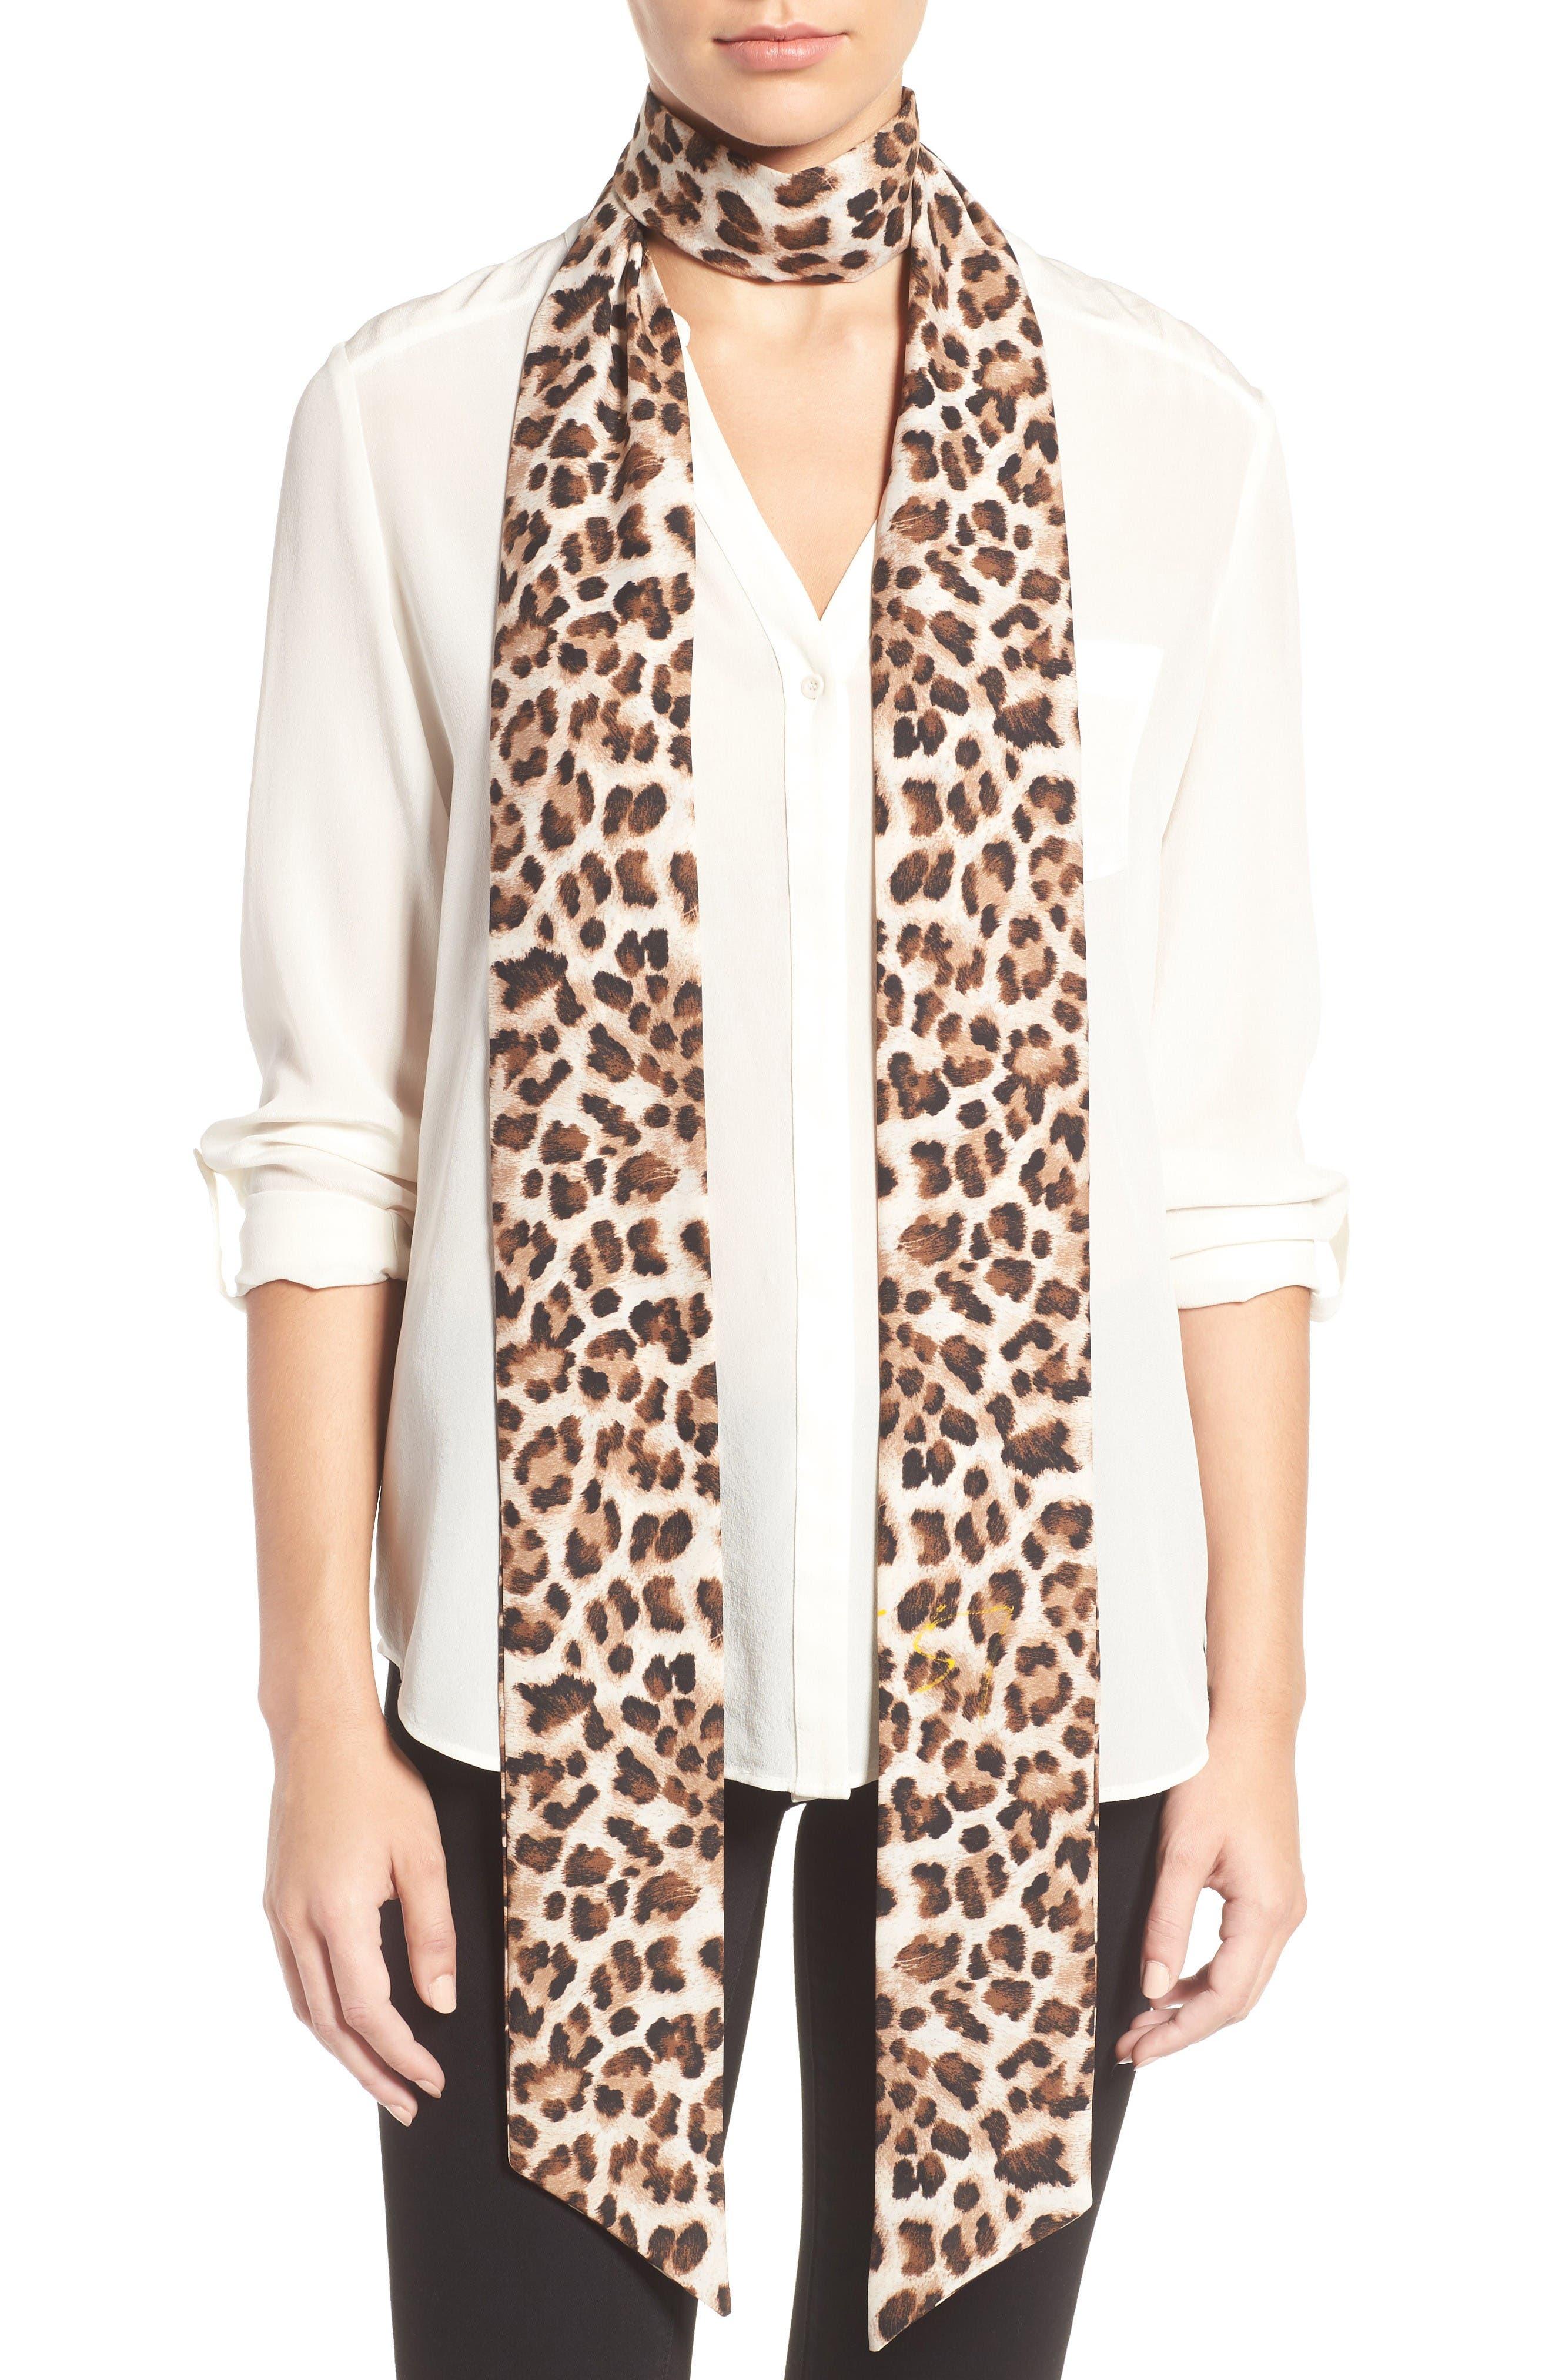 Cara Cheetah Print Skinny Scarf